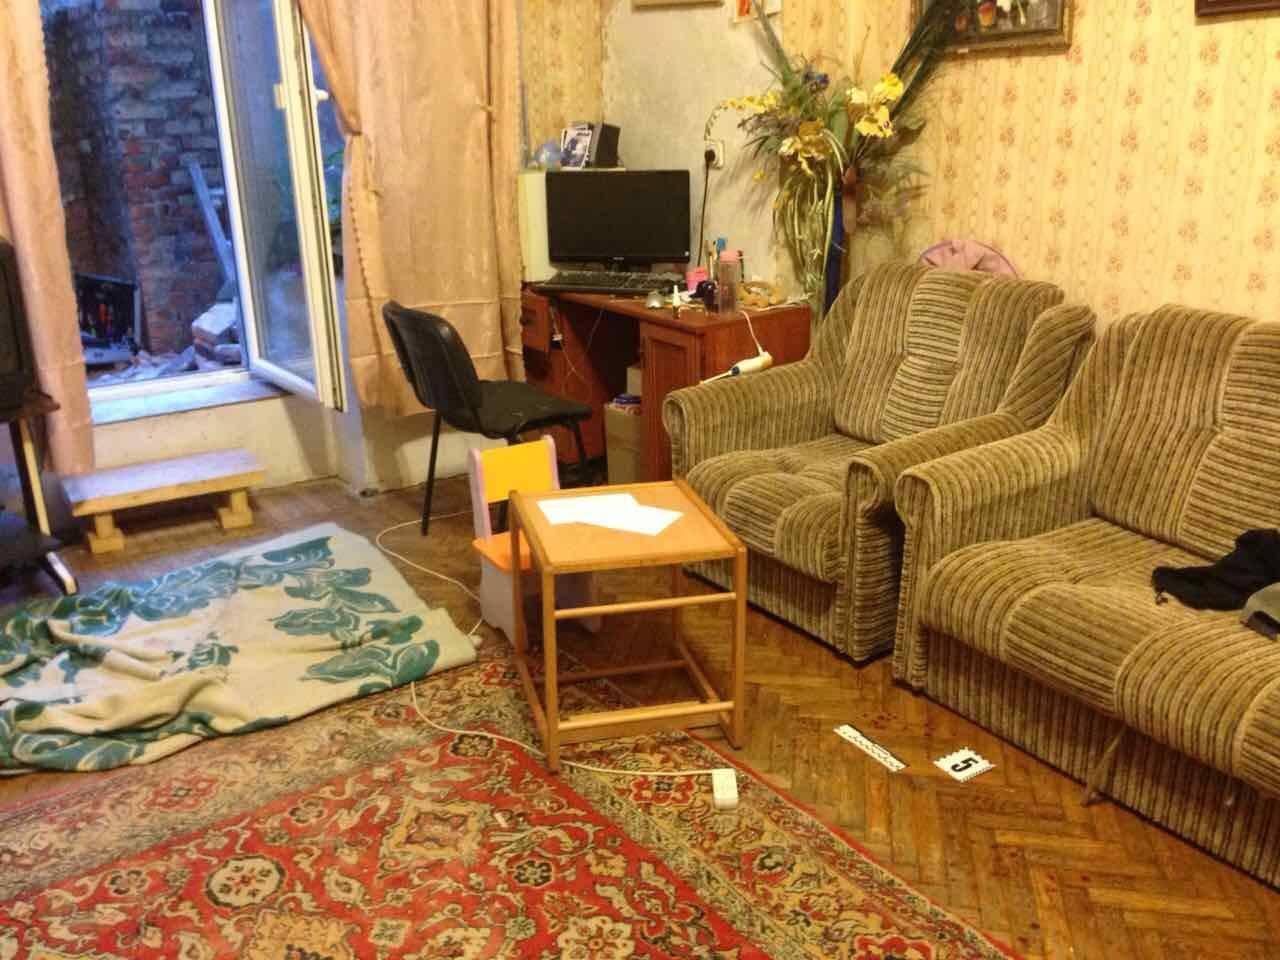 Вцентре Харькова владельцы кафе стреляли по жителям соседнего дома